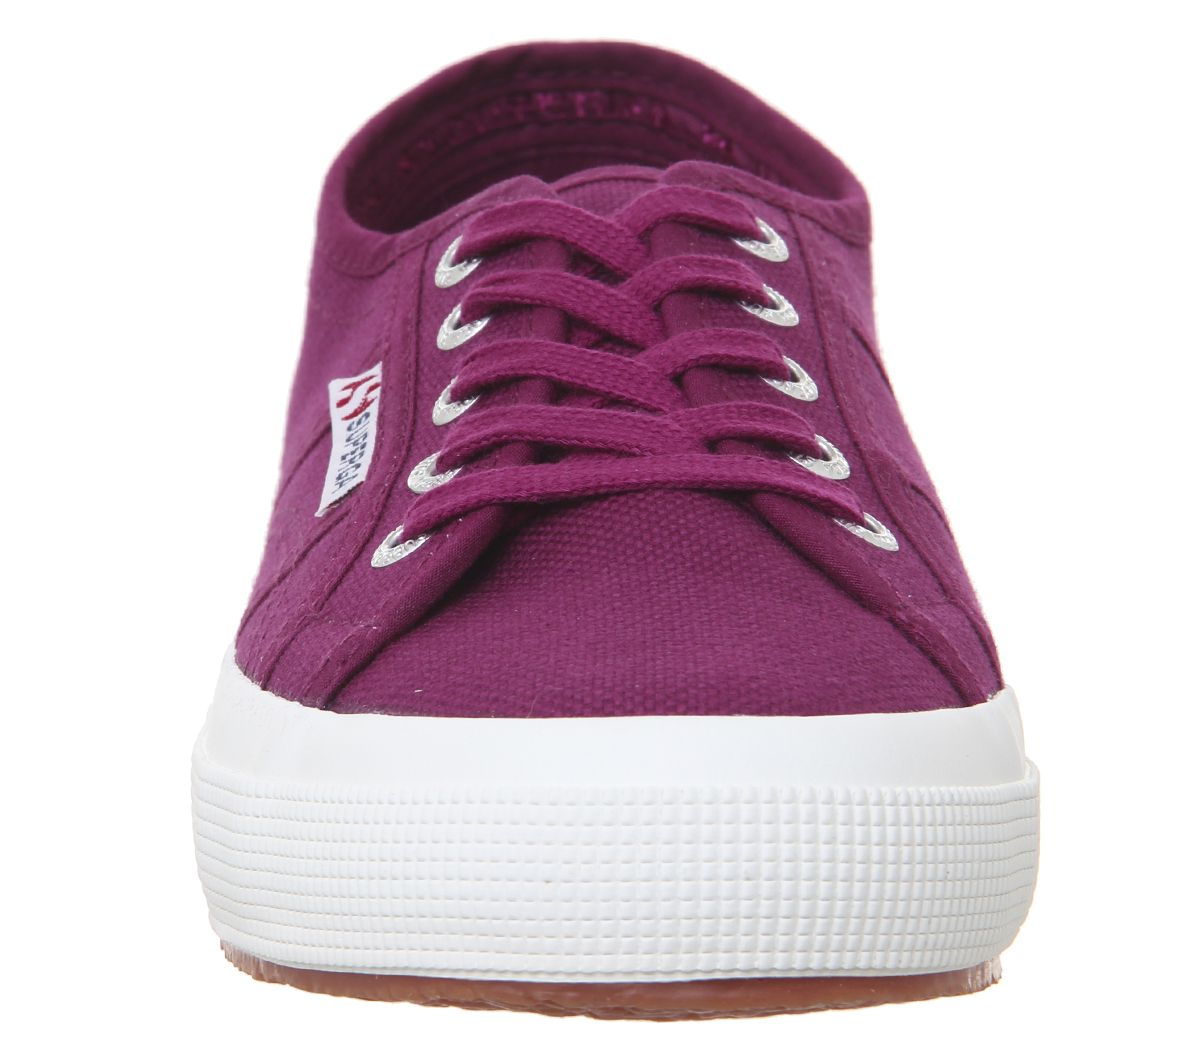 disfruta del precio de descuento clásico material seleccionado Detalles de Mujer Superga 2750 Zapatillas Rojo Magenta Violeta Zapatillas  Deportivas